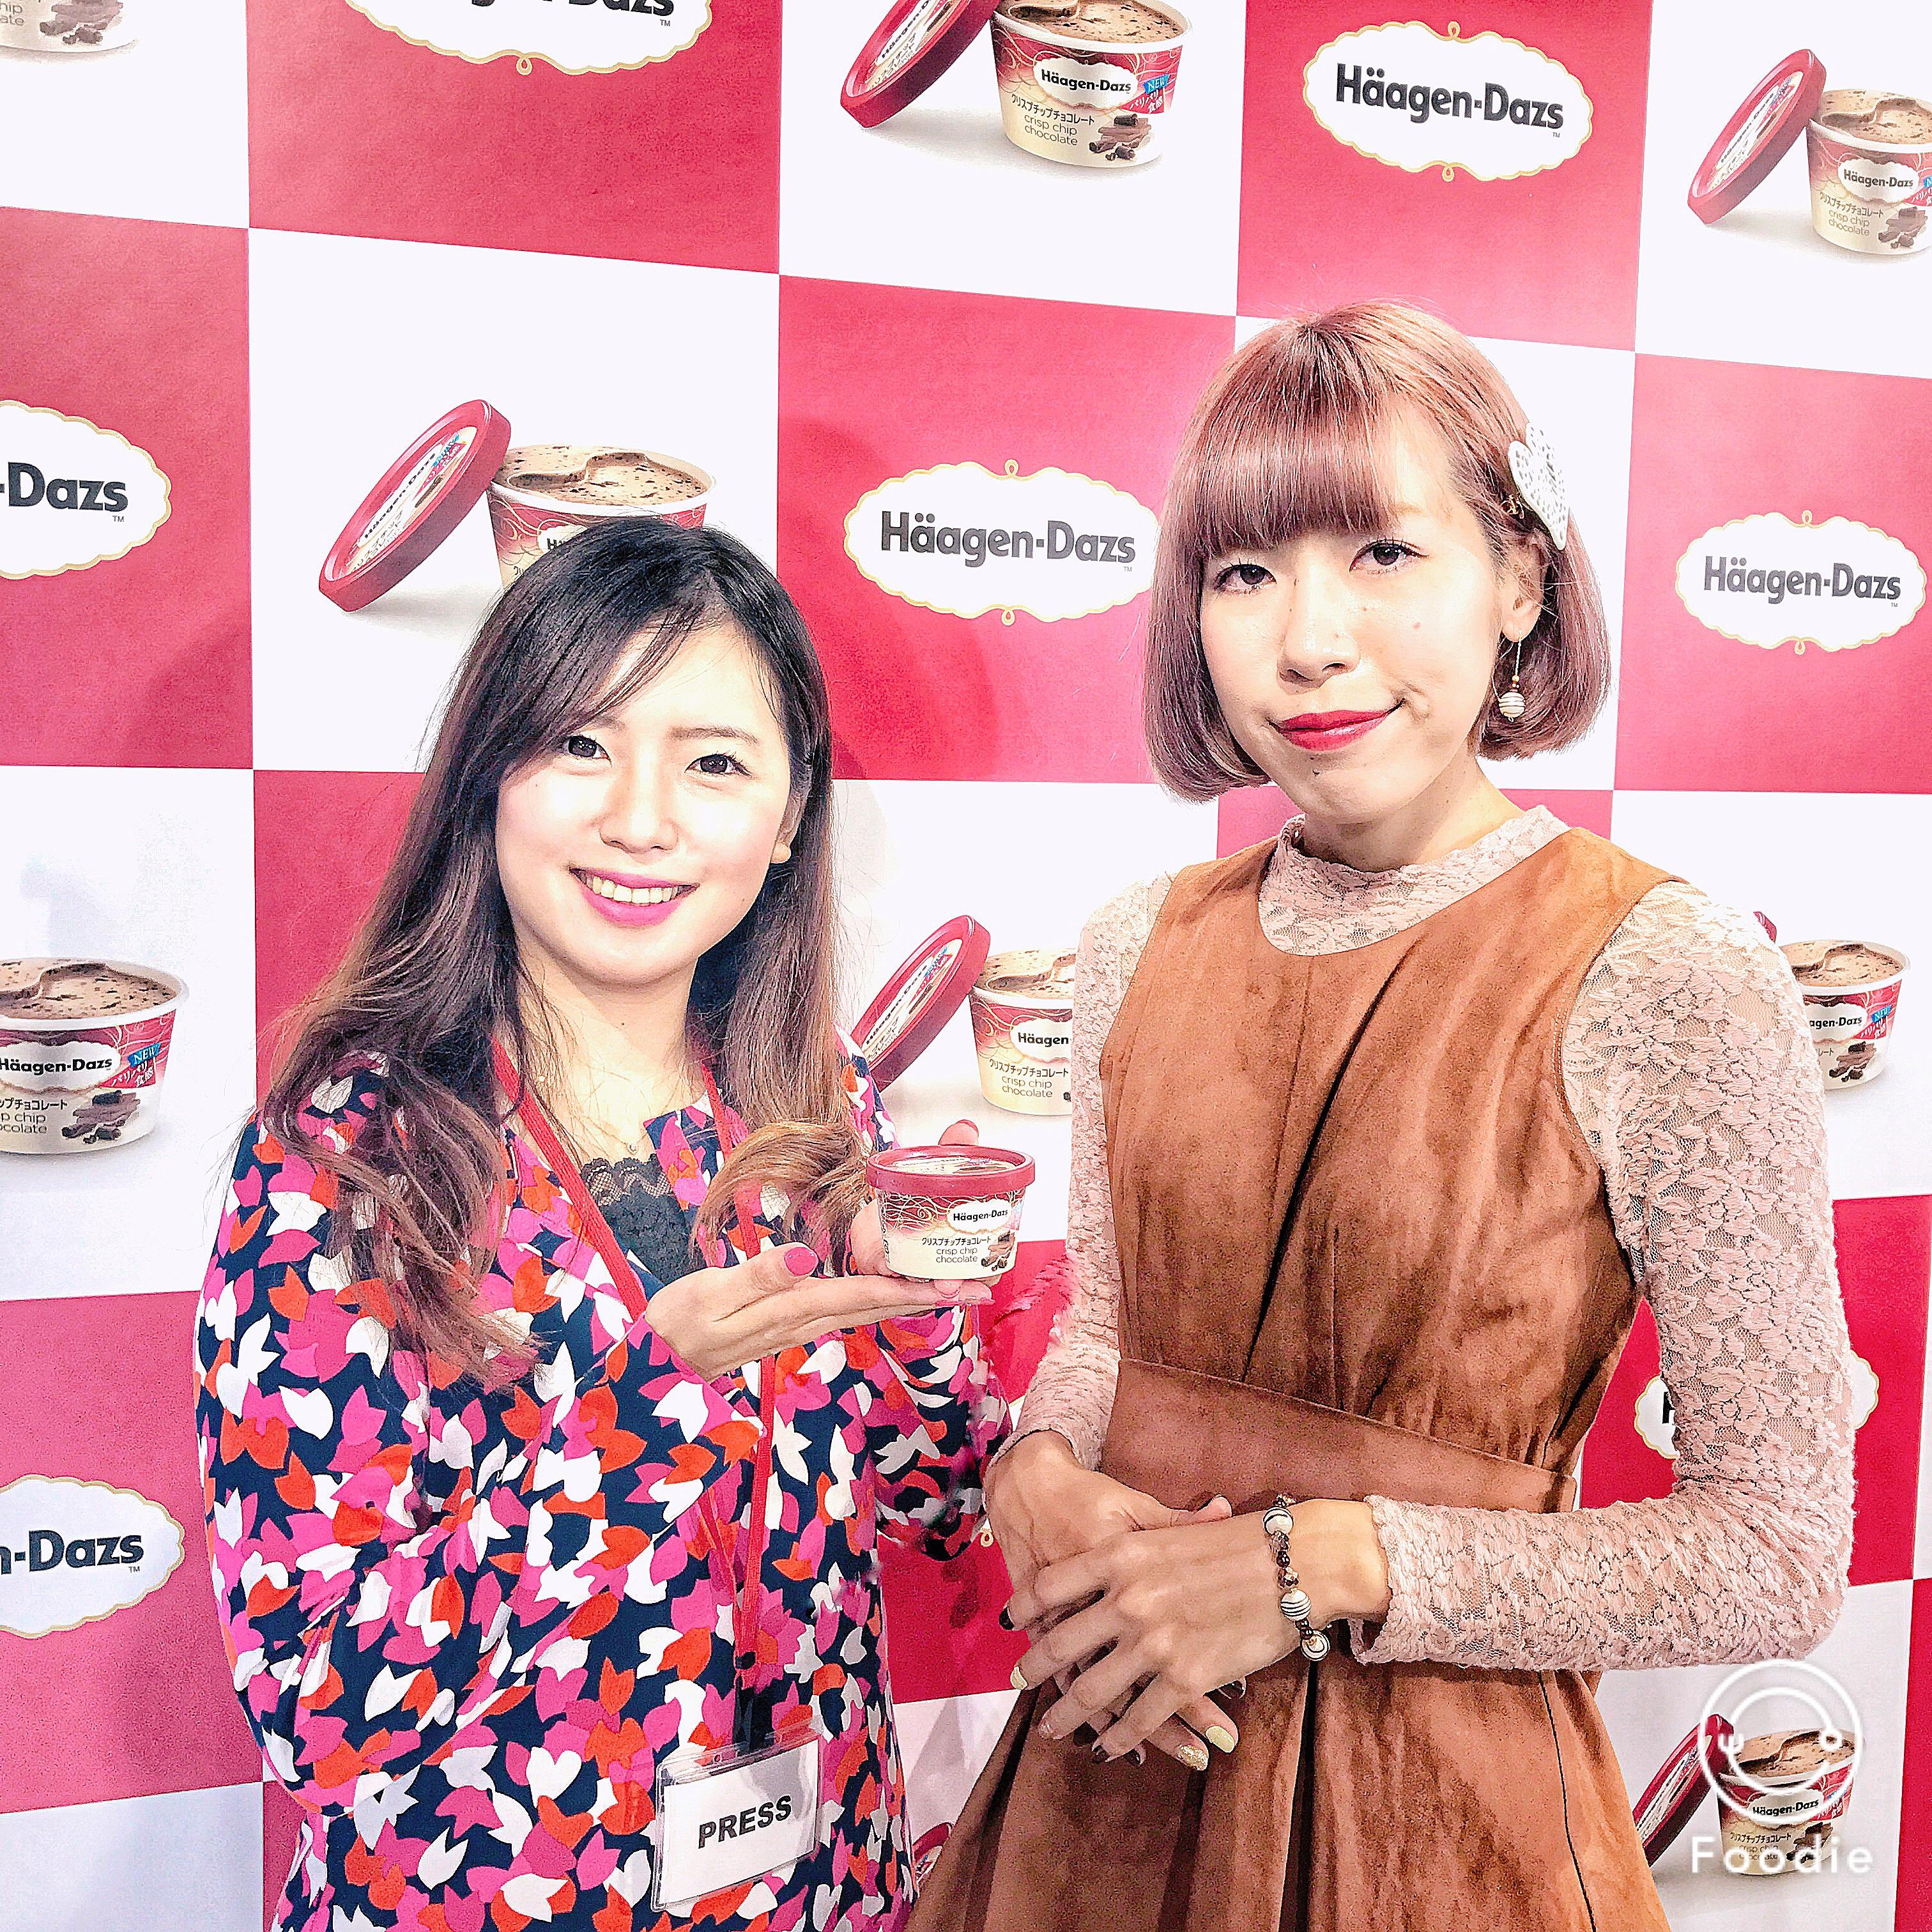 12月5日発売!みんな大好きハーゲンダッツの新定番♡チョコレート味♡